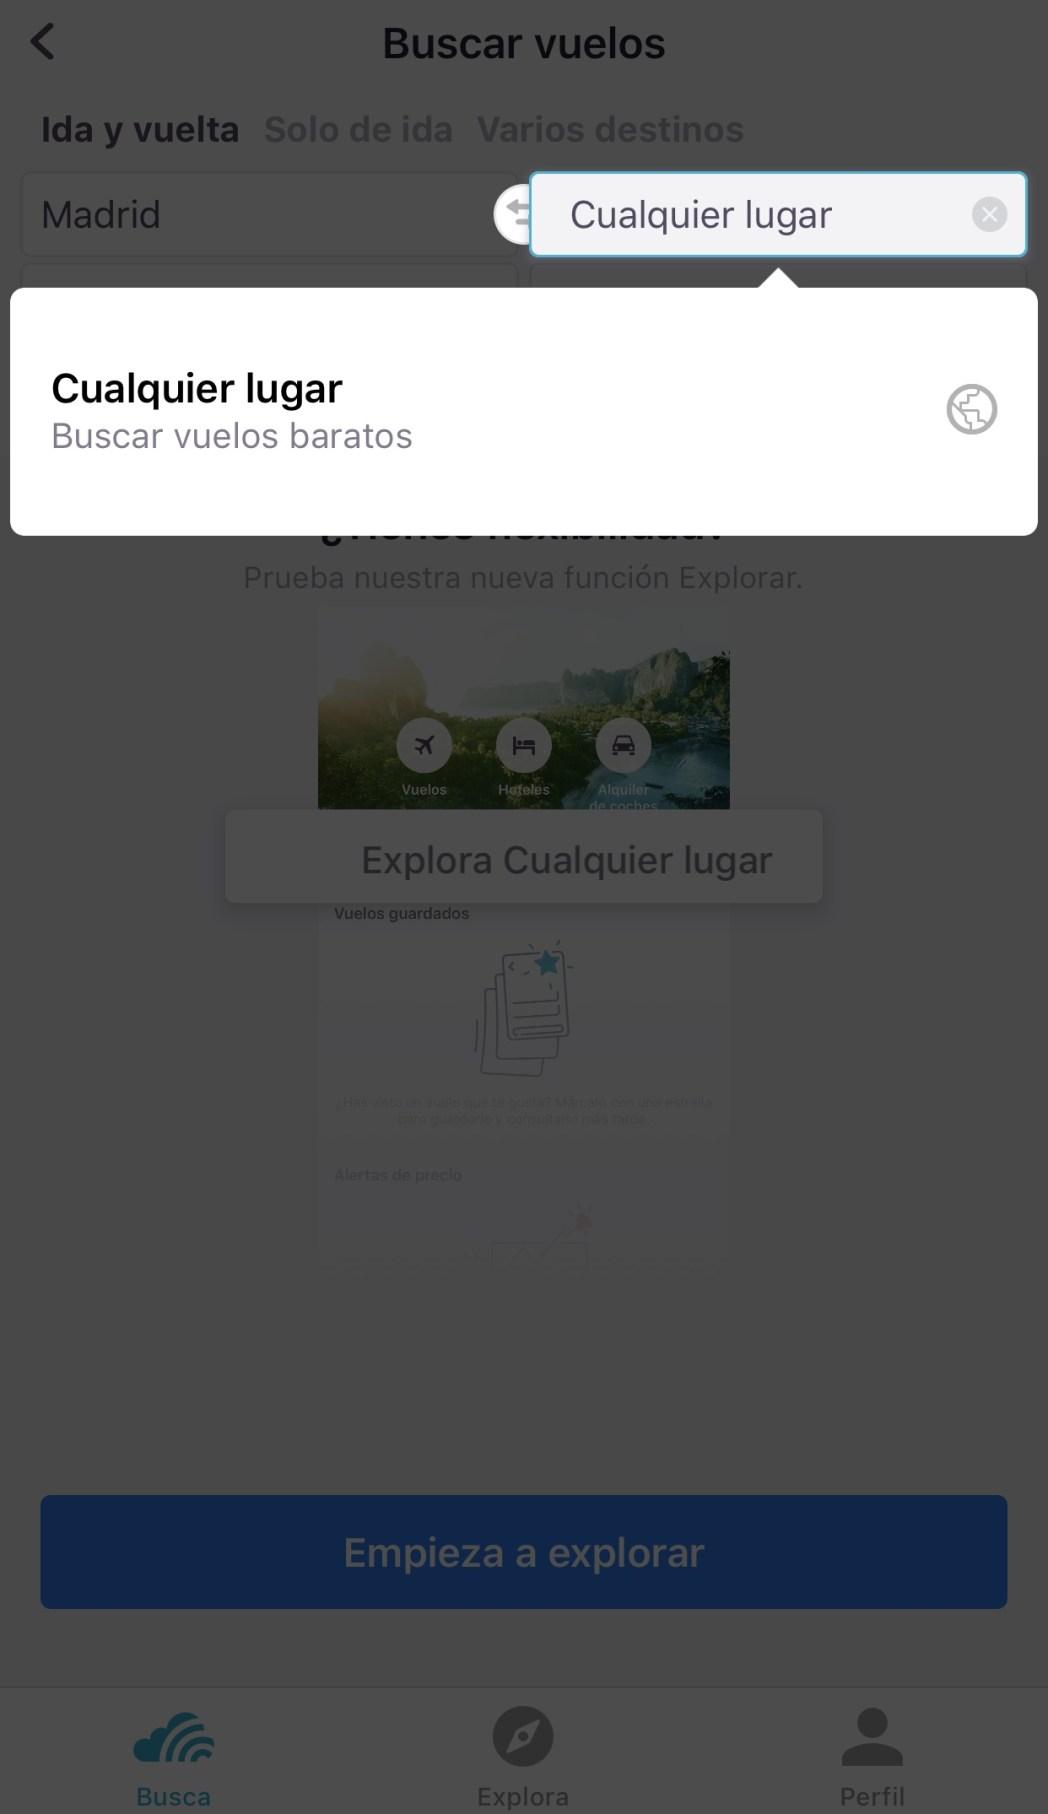 Cómo encontrar vuelos baratos con tu móvil  a cualquier lugar 2658ccde9bc